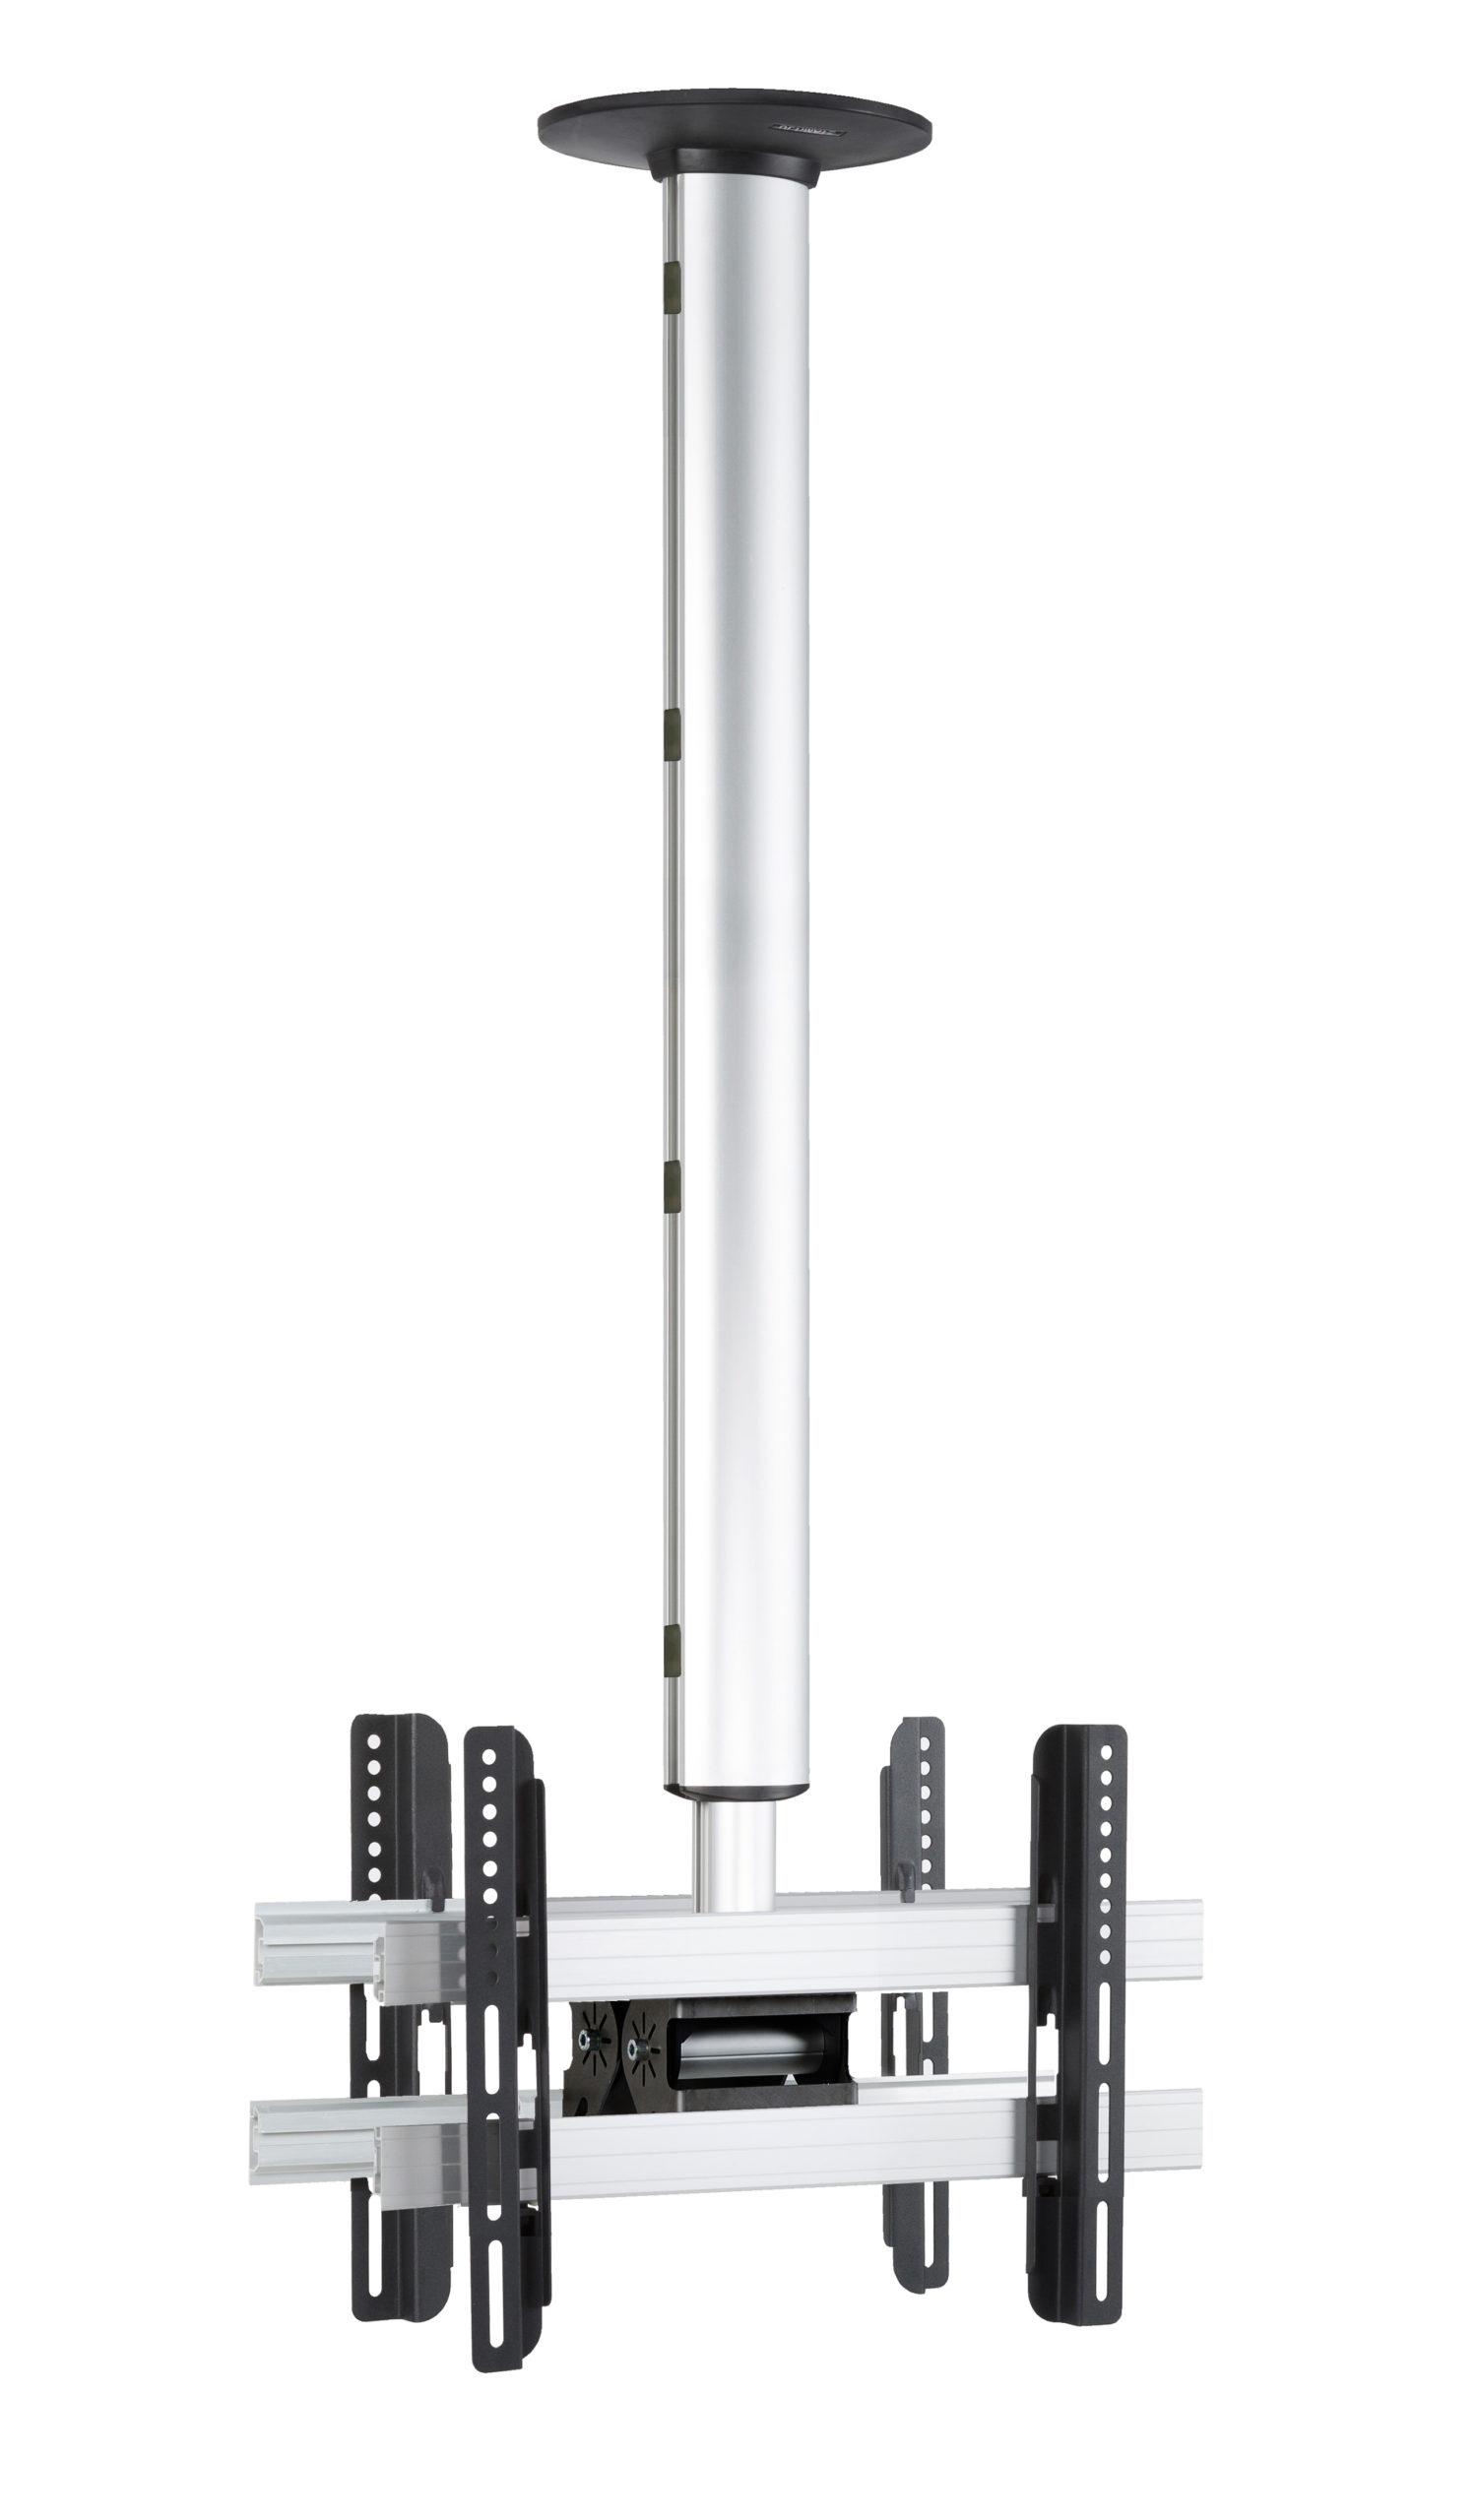 VCM Deckenhalterung CM 3 Maxi Double günstig online kaufen